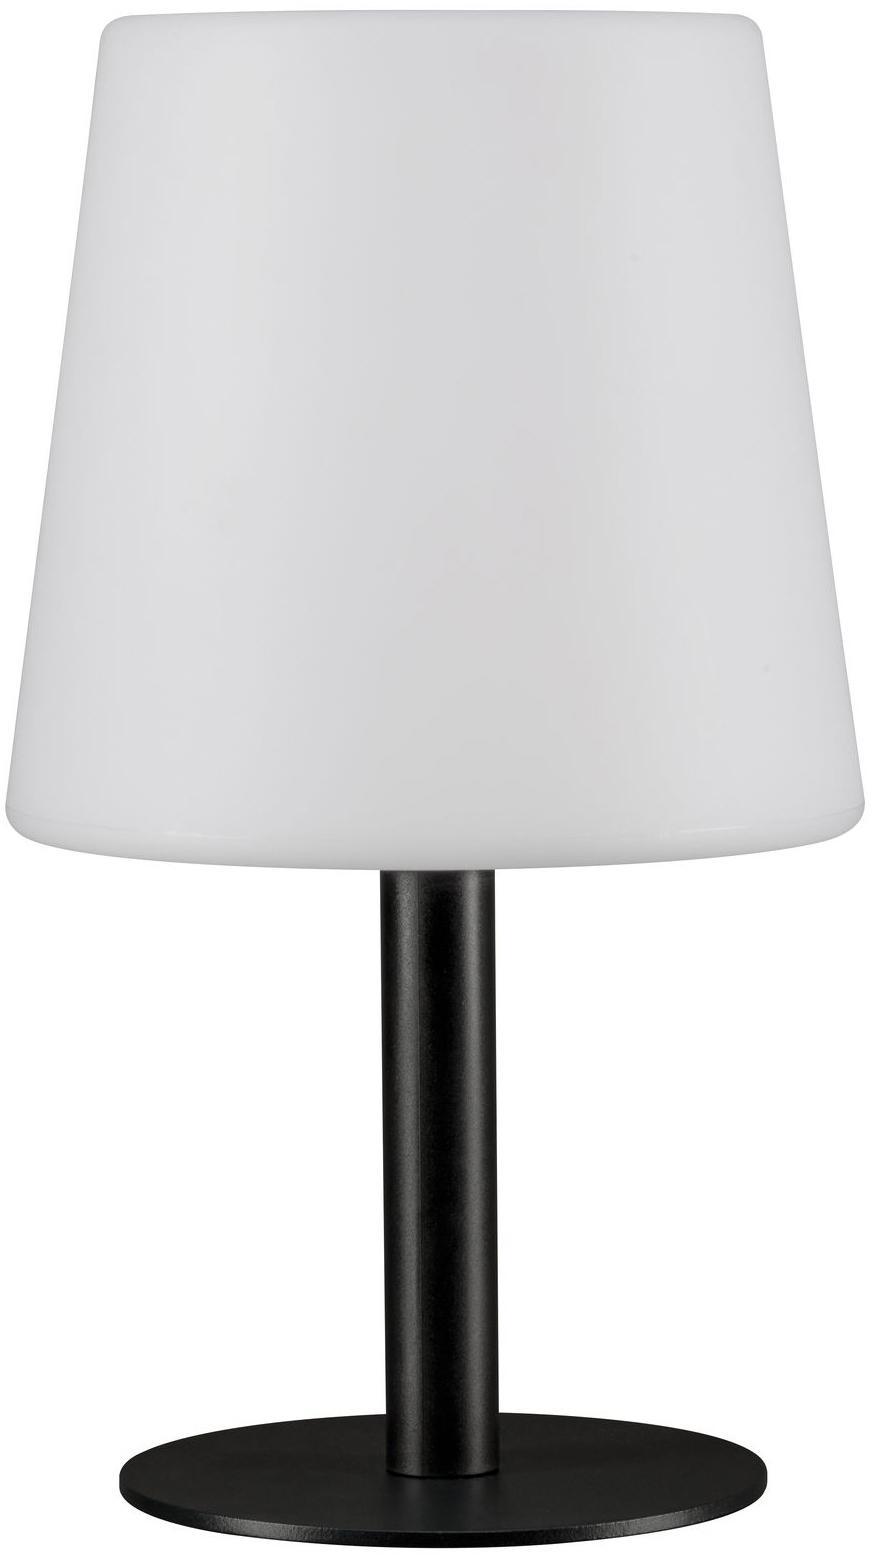 Mobile LED Außentischleuchte Placido, Lampenfuß: Metall, beschichtet, Lampenschirm: Kunststoff, Weiß, Schwarz, Ø 16 x H 26 cm